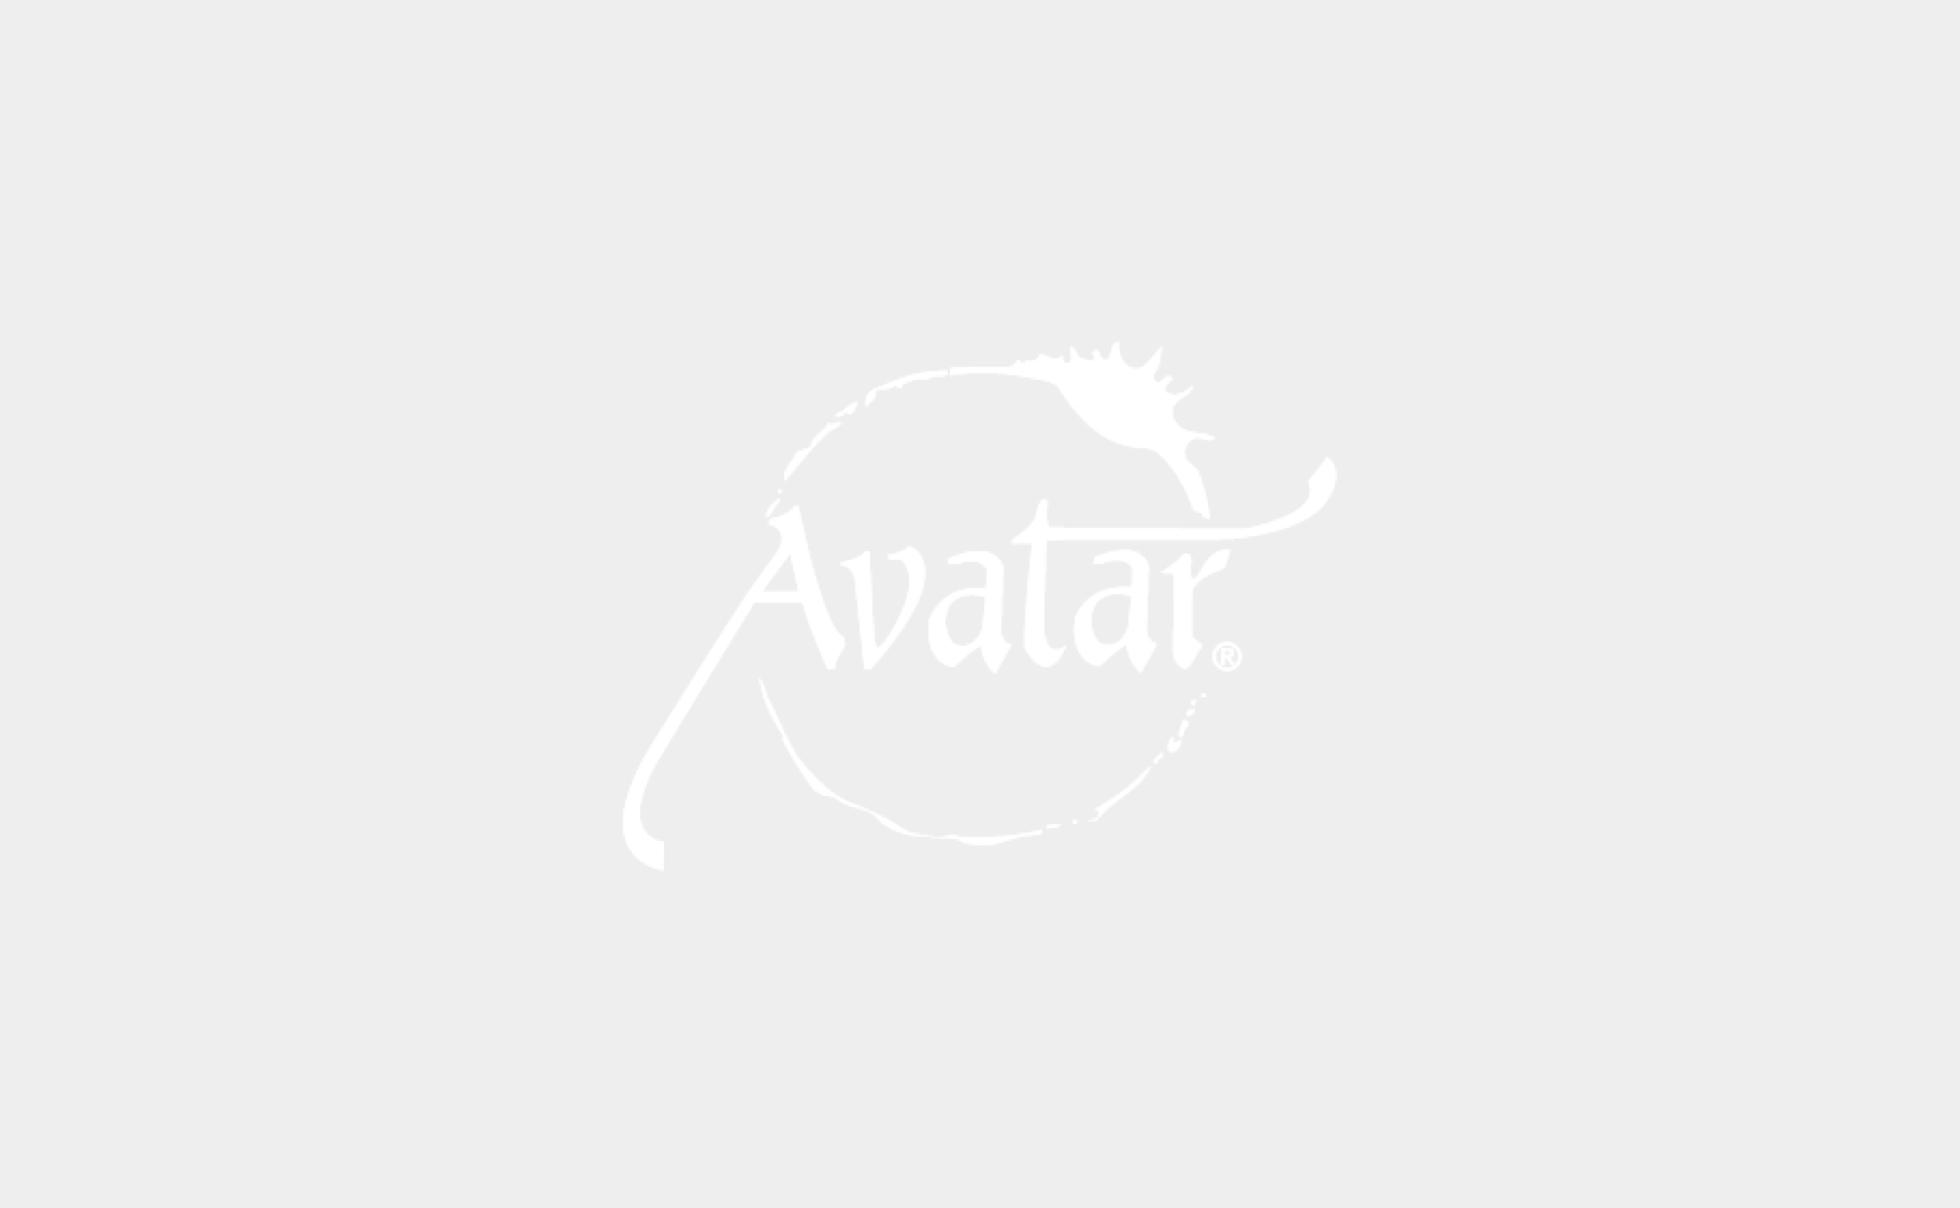 avatar_ovarlay